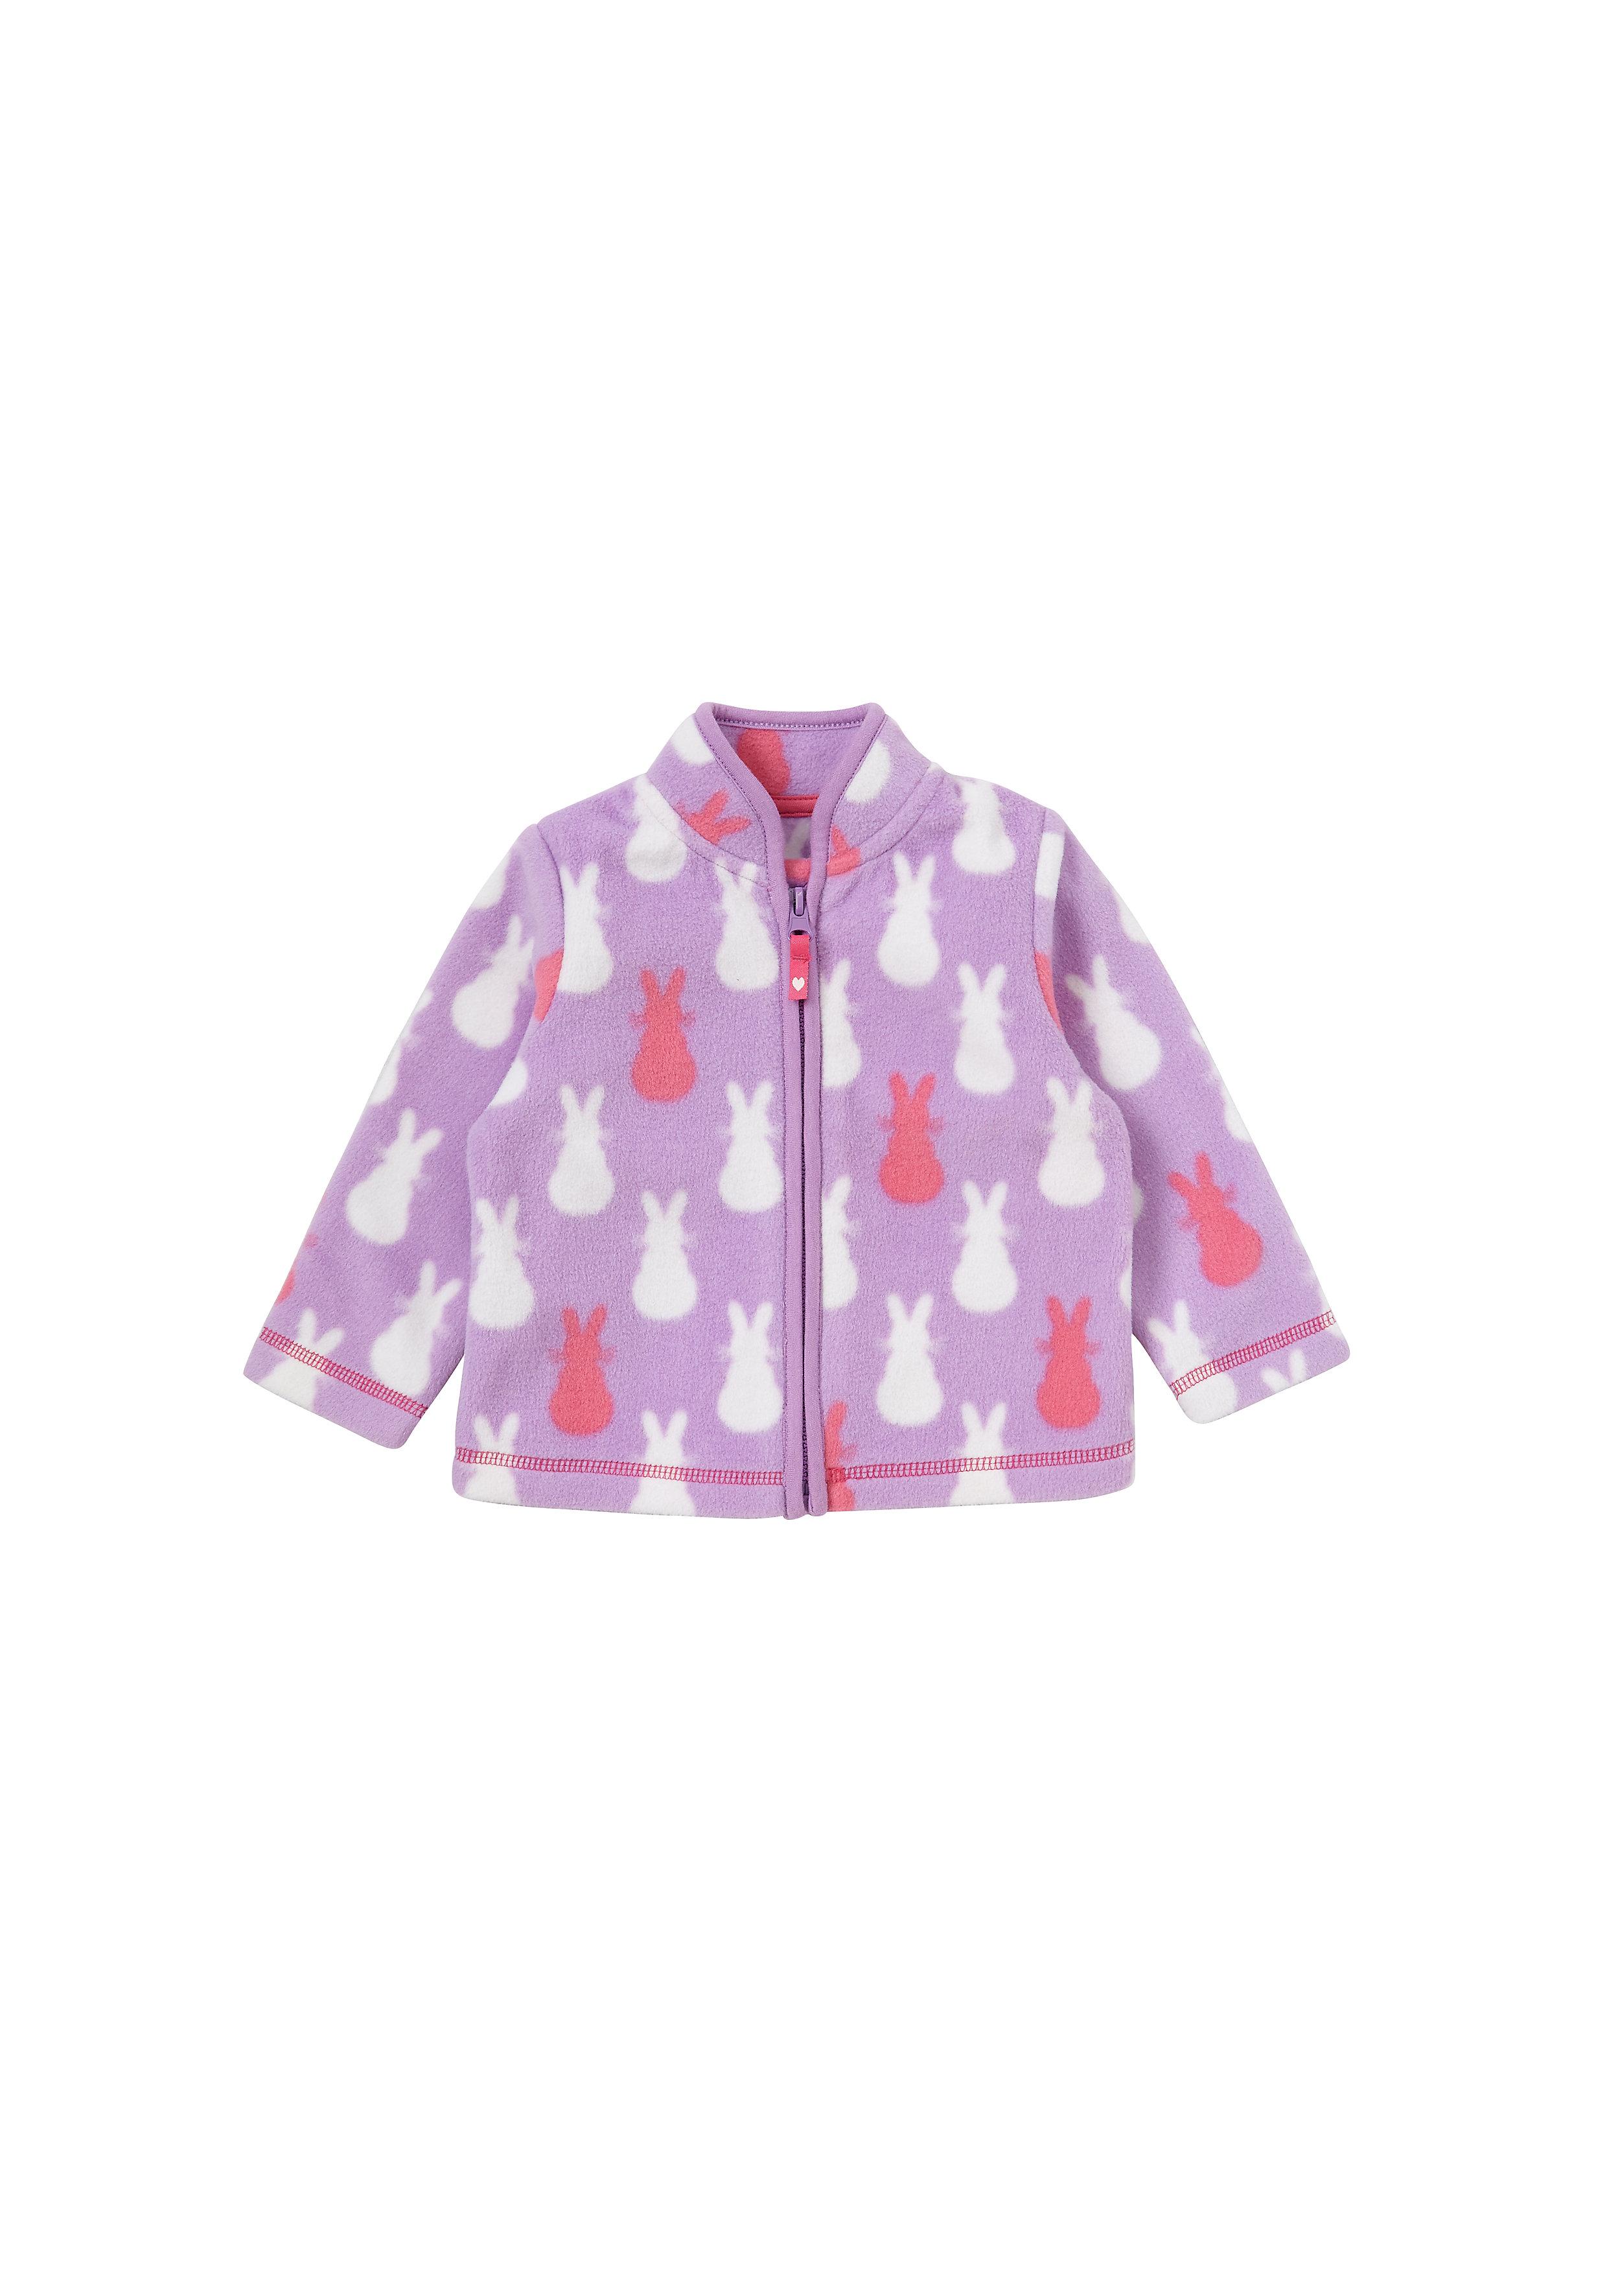 Mothercare | Girls Full Sleeves Fleece Jacket Bunny Design - Purple